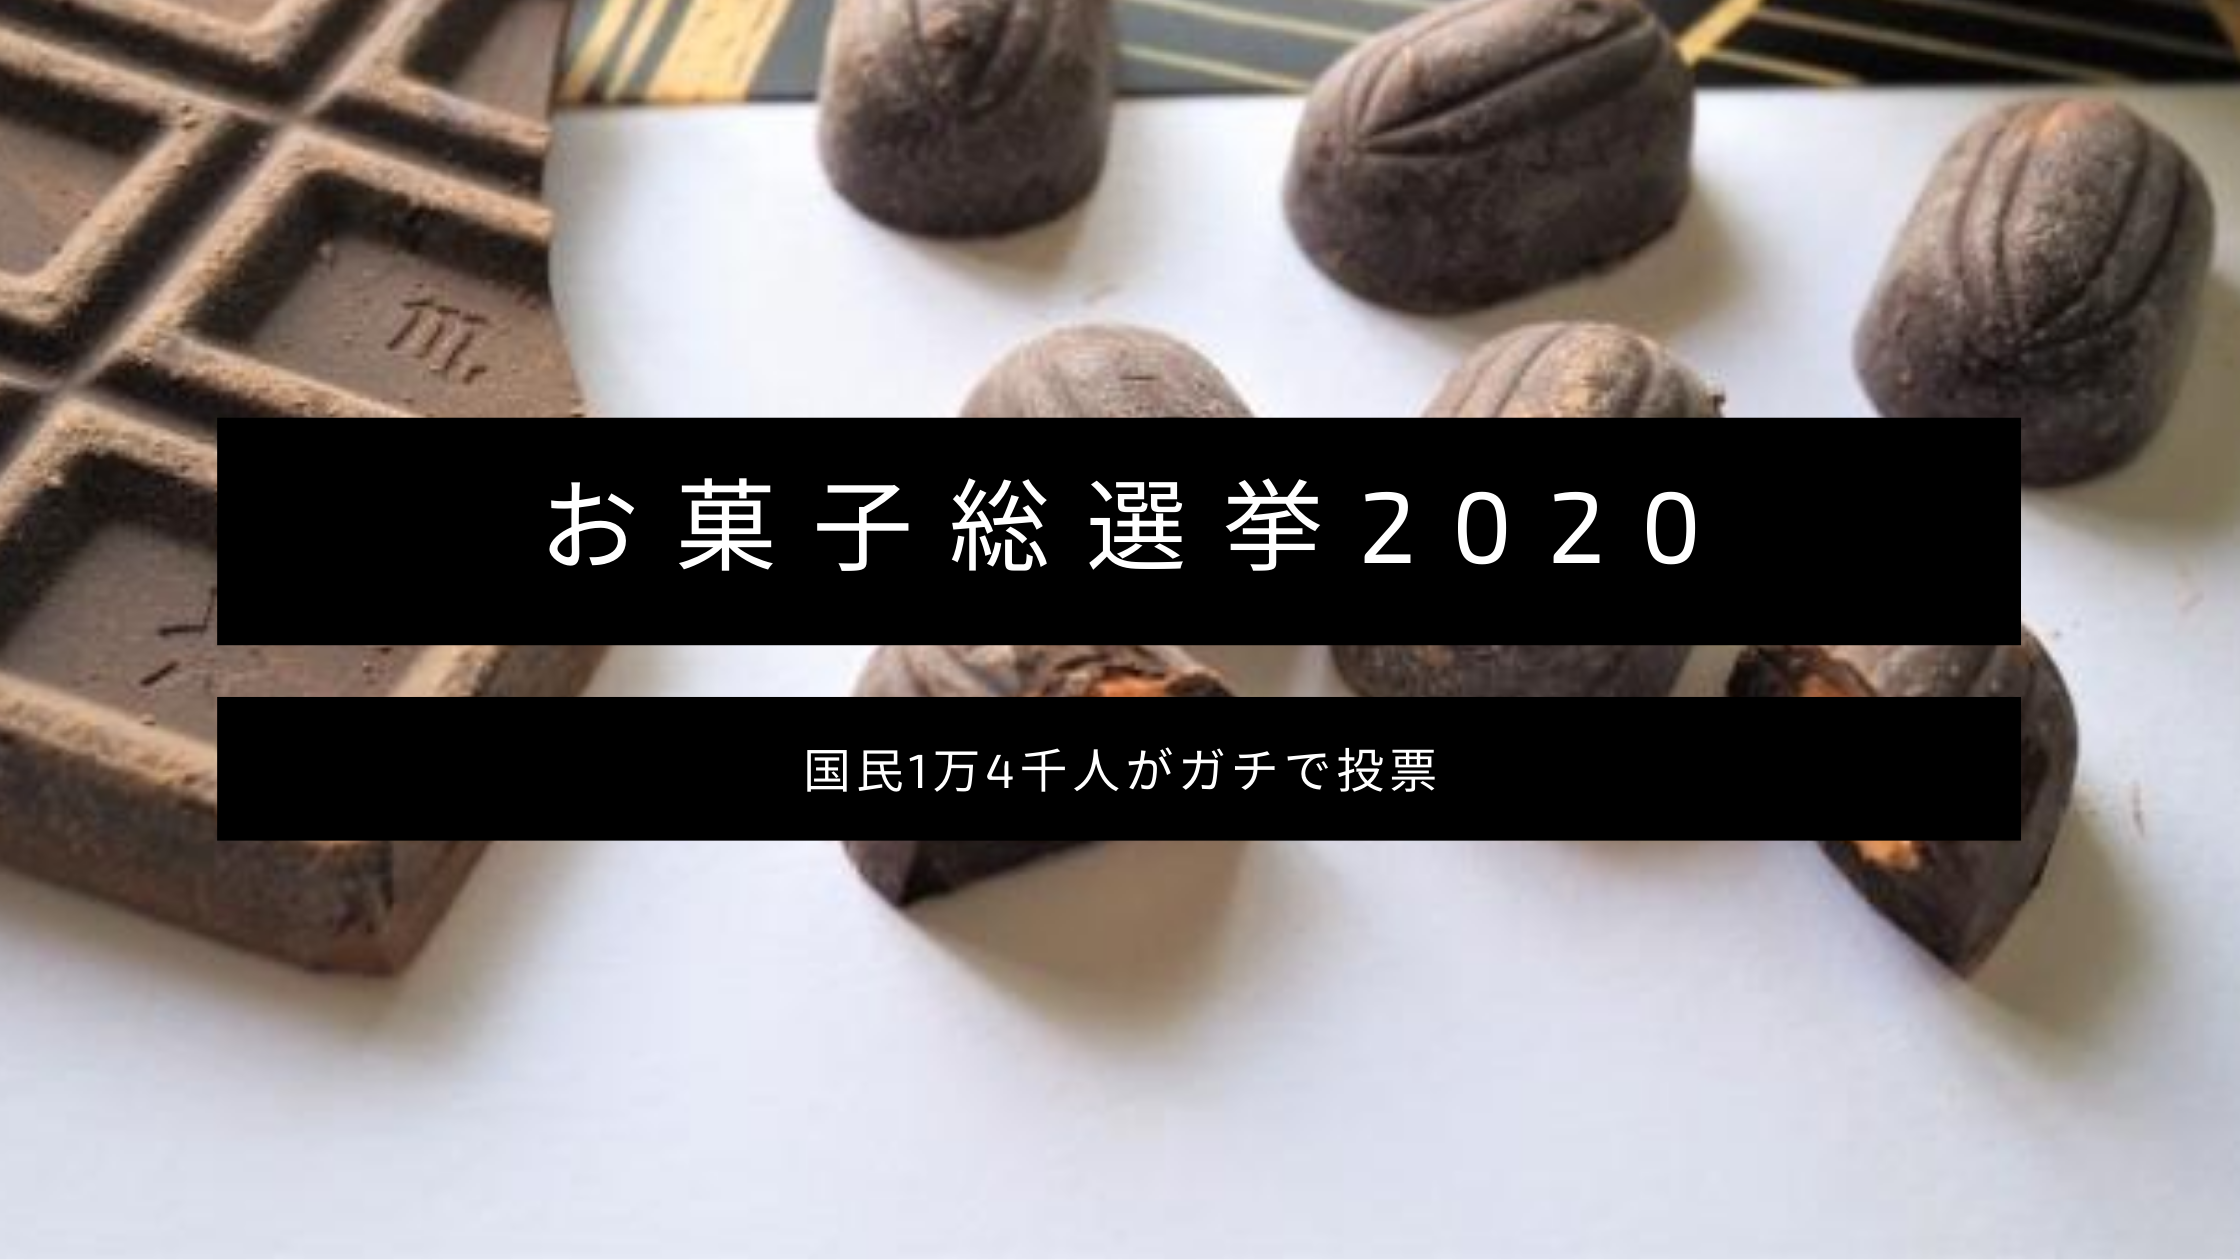 【お菓子総選挙2020ランキング】ベスト50発表 -国民1万4千人がガチで投票‐